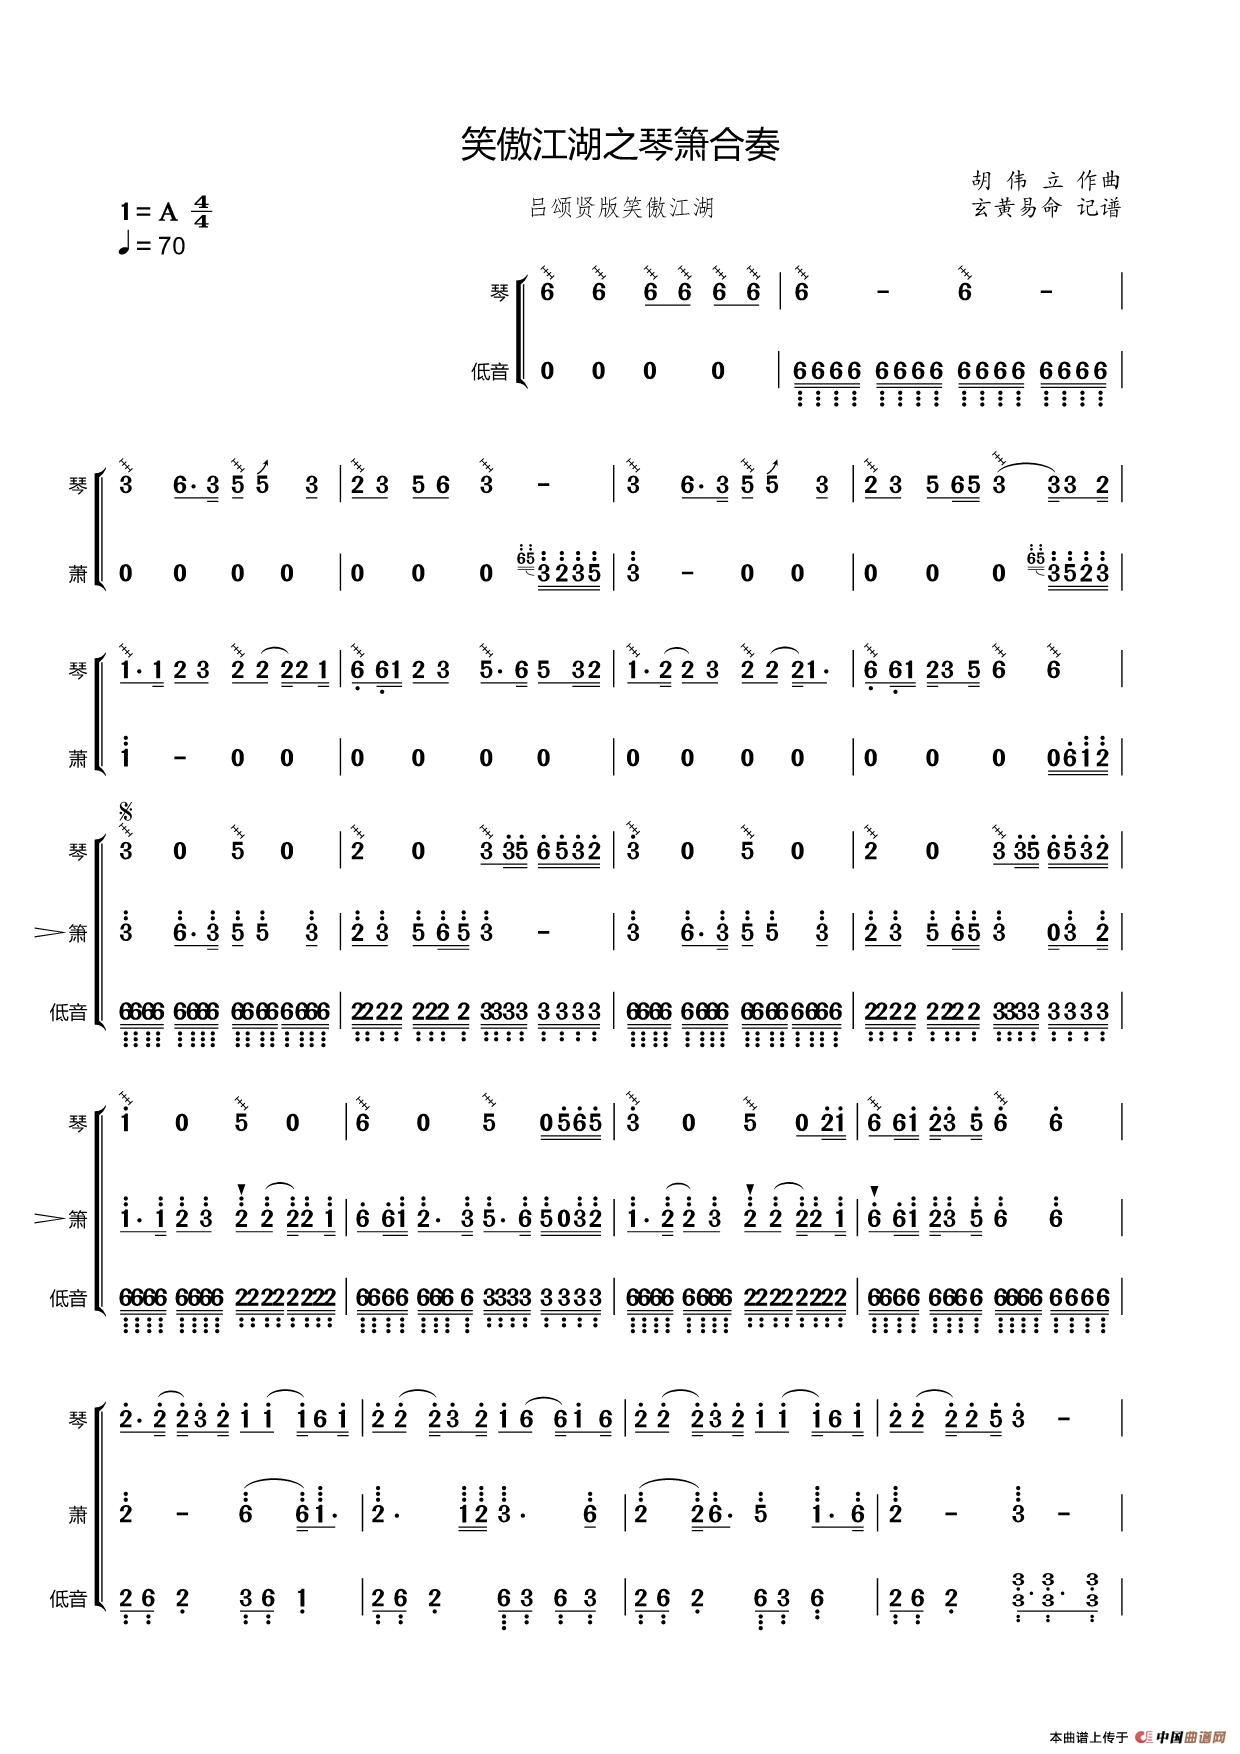 笑傲江湖之琴箫合奏曲简谱 器乐合奏 玄黄易命个人制谱园地 中国曲谱网